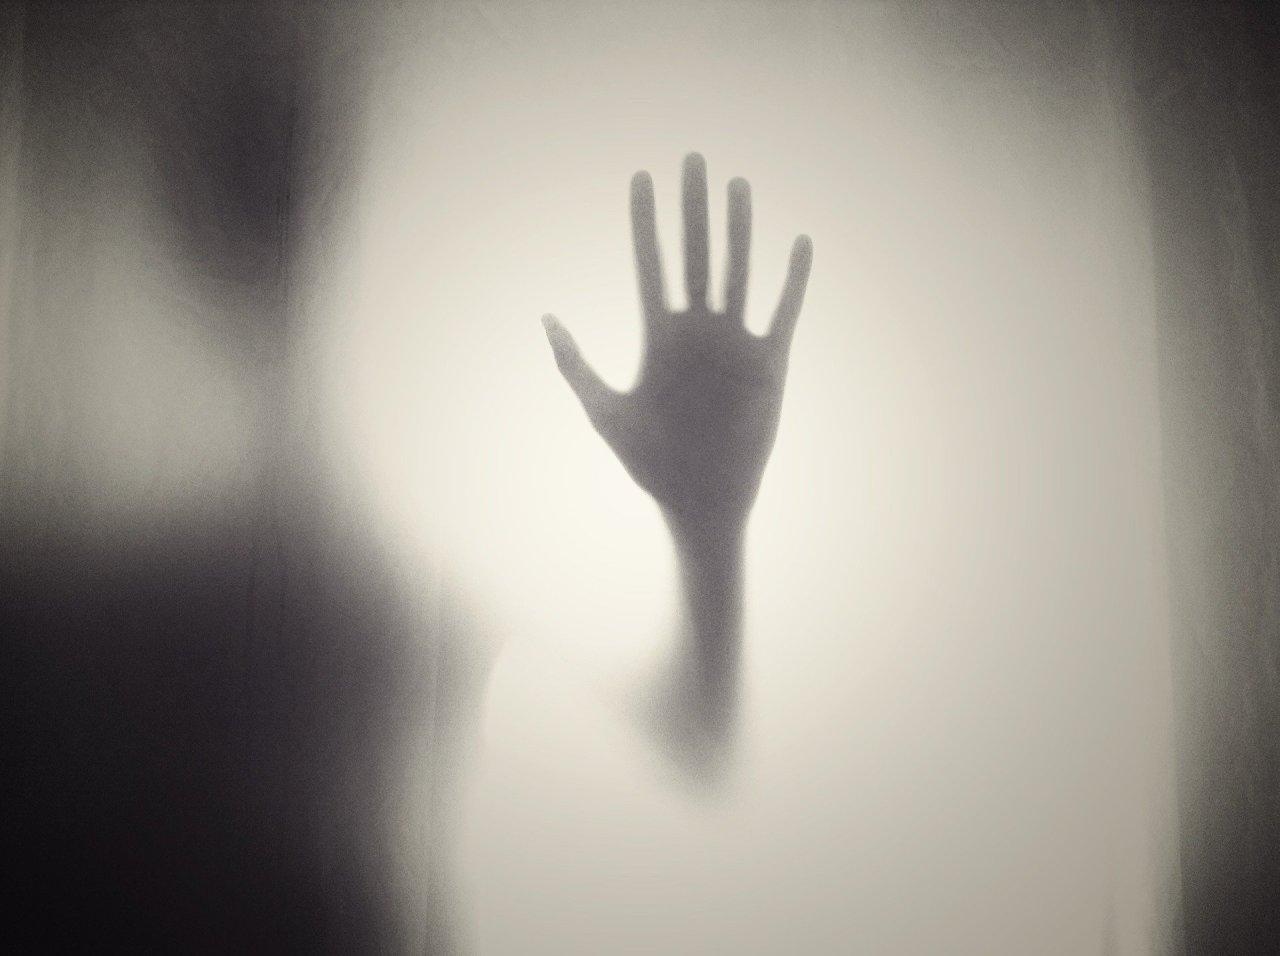 la peur, objet de honte et de tentative de contrôle